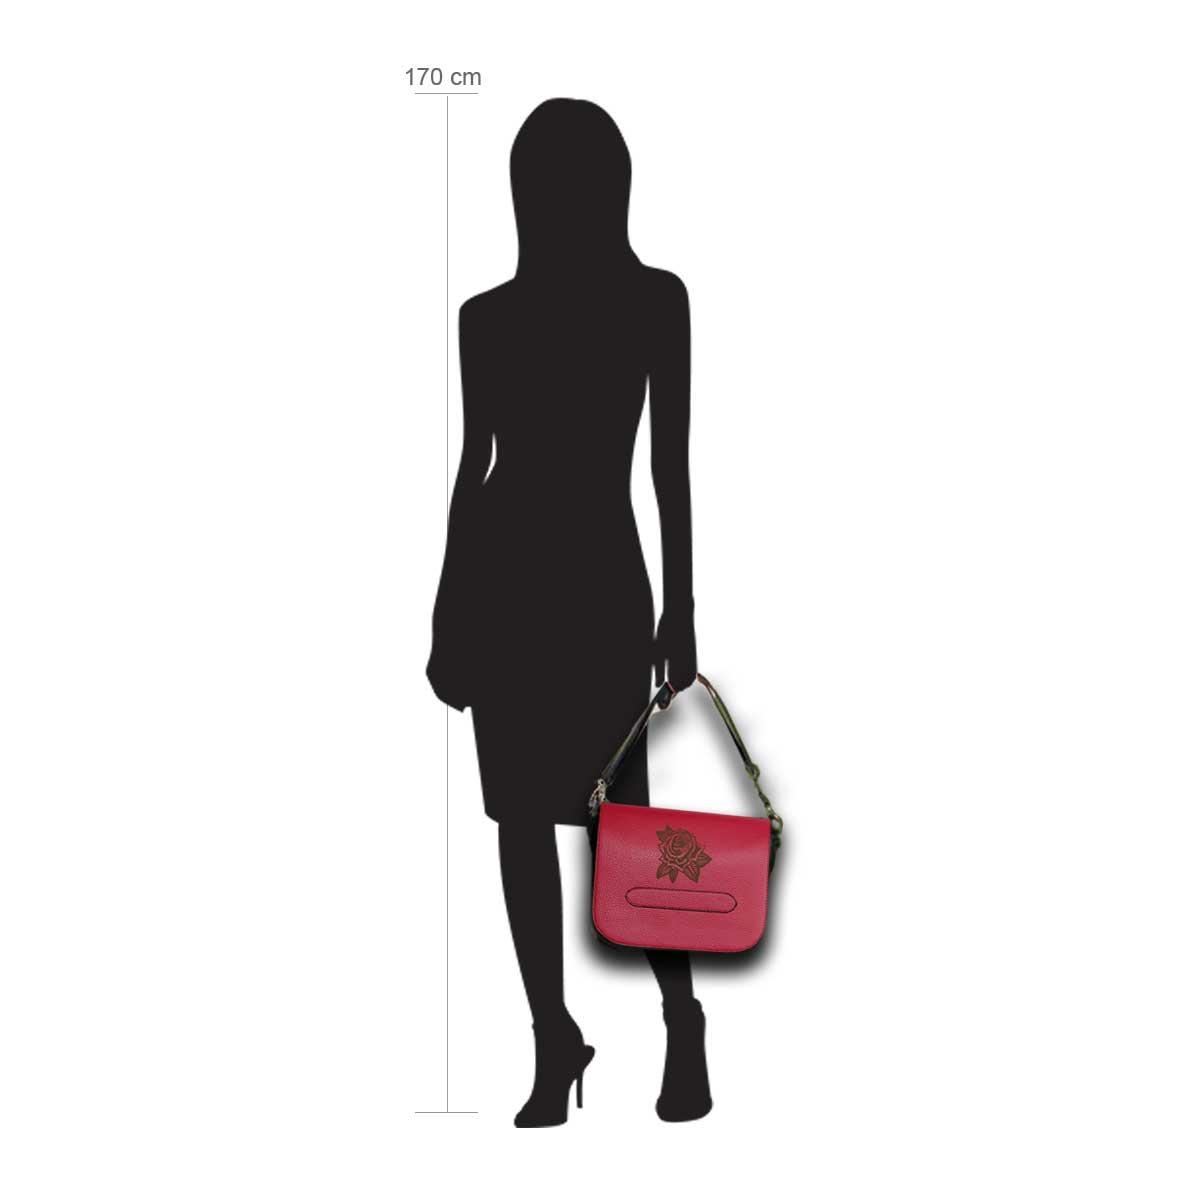 Modellpuppe 170 cm groß zeigt die Handtaschengröße an der Person Modell:Rose